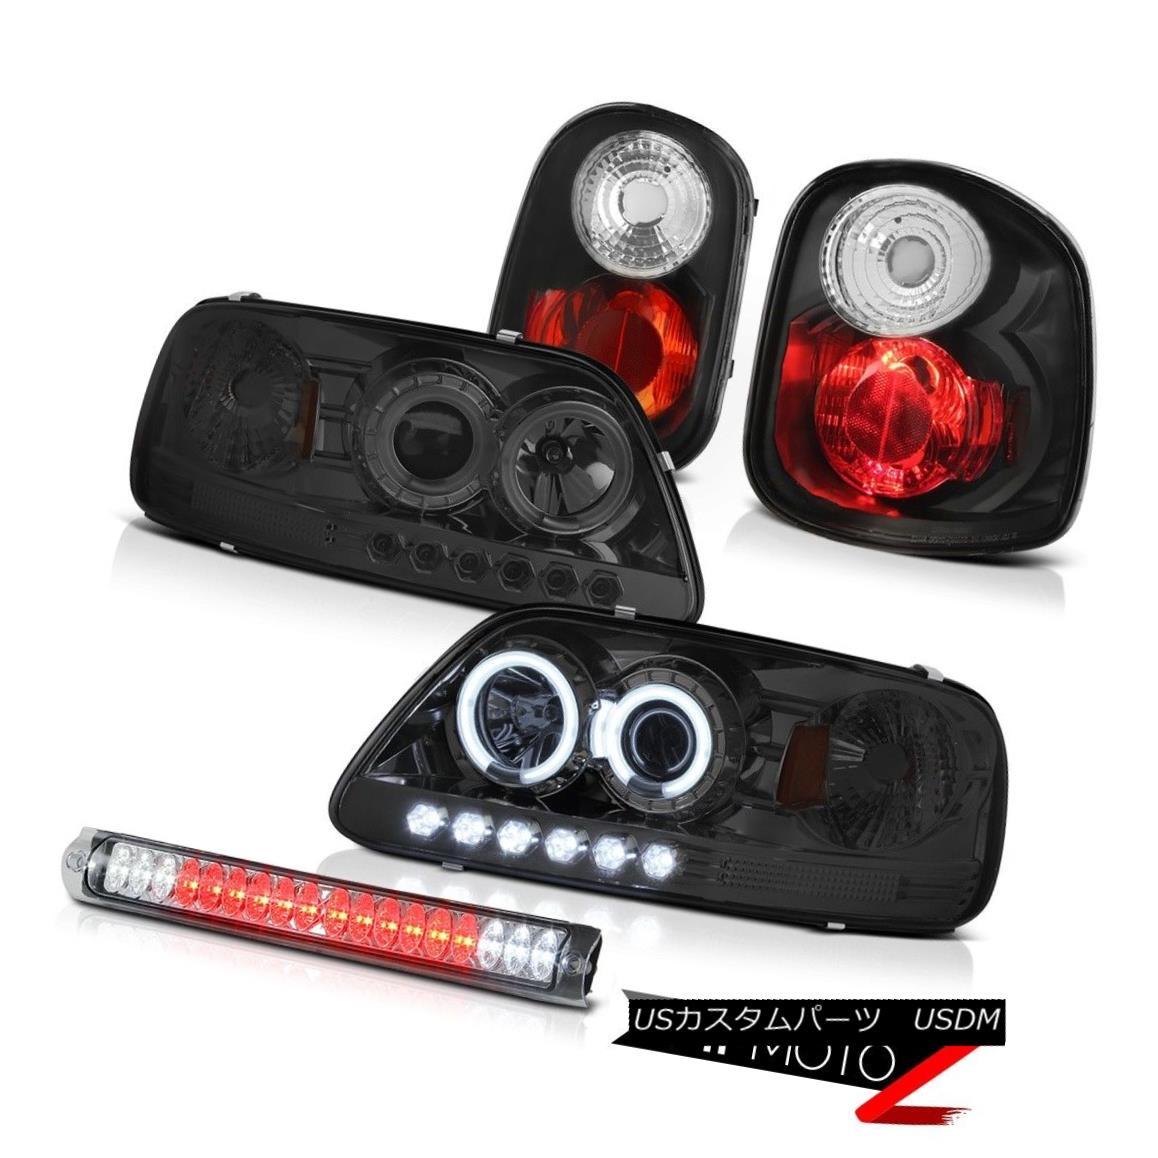 ヘッドライト [BRIGHTEST] CCFL Halo Headlights Tail Lights 1997-2000 F150 Flareside Hertiage [輝く] CCFL Haloヘッドライトテールライト1997-2000 F150 Flareside Heritage